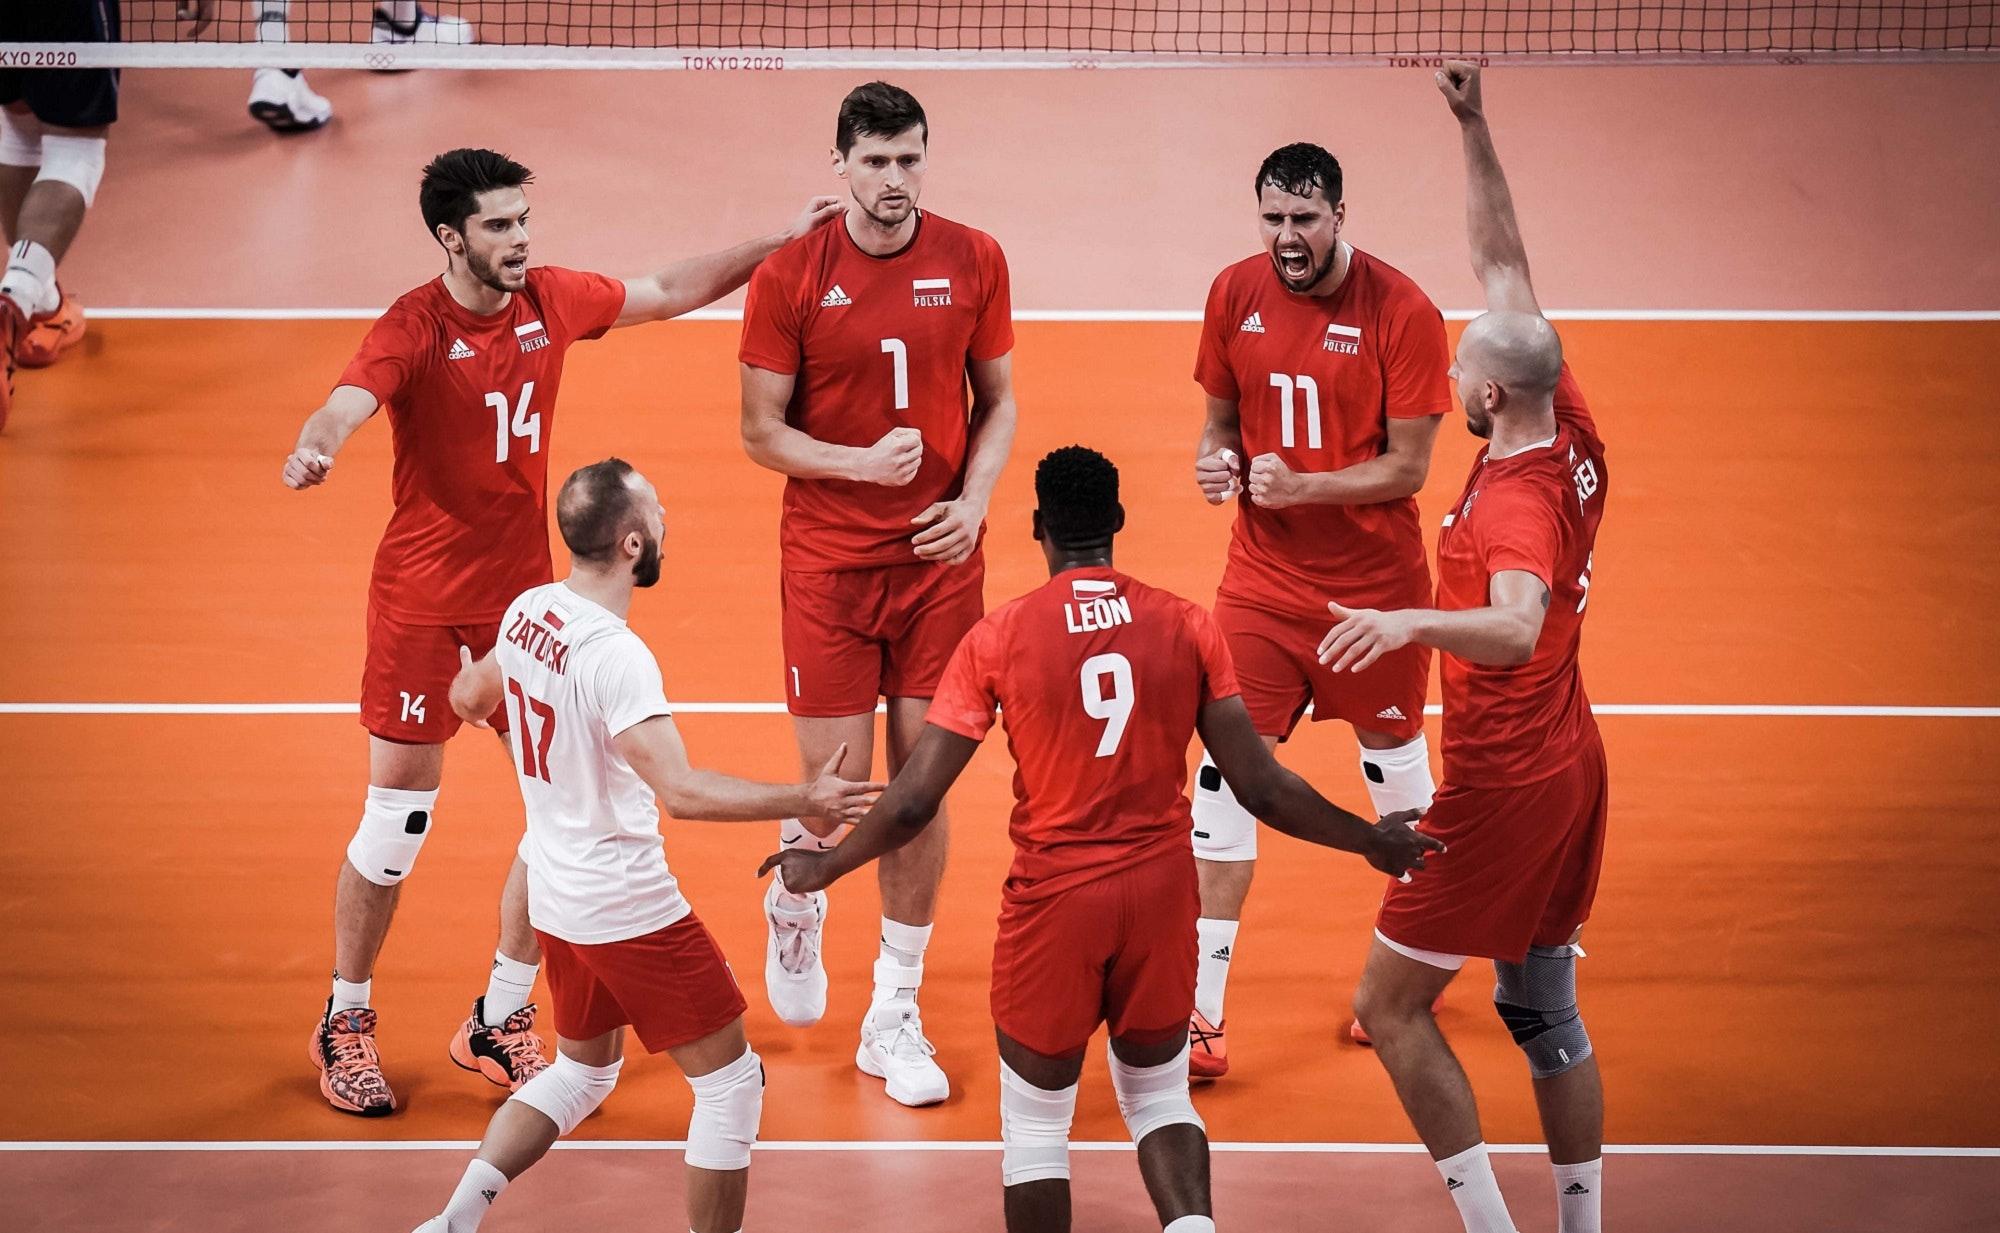 Igrzyska olimpijskie Tokio - siatkówka Polska - Włochy